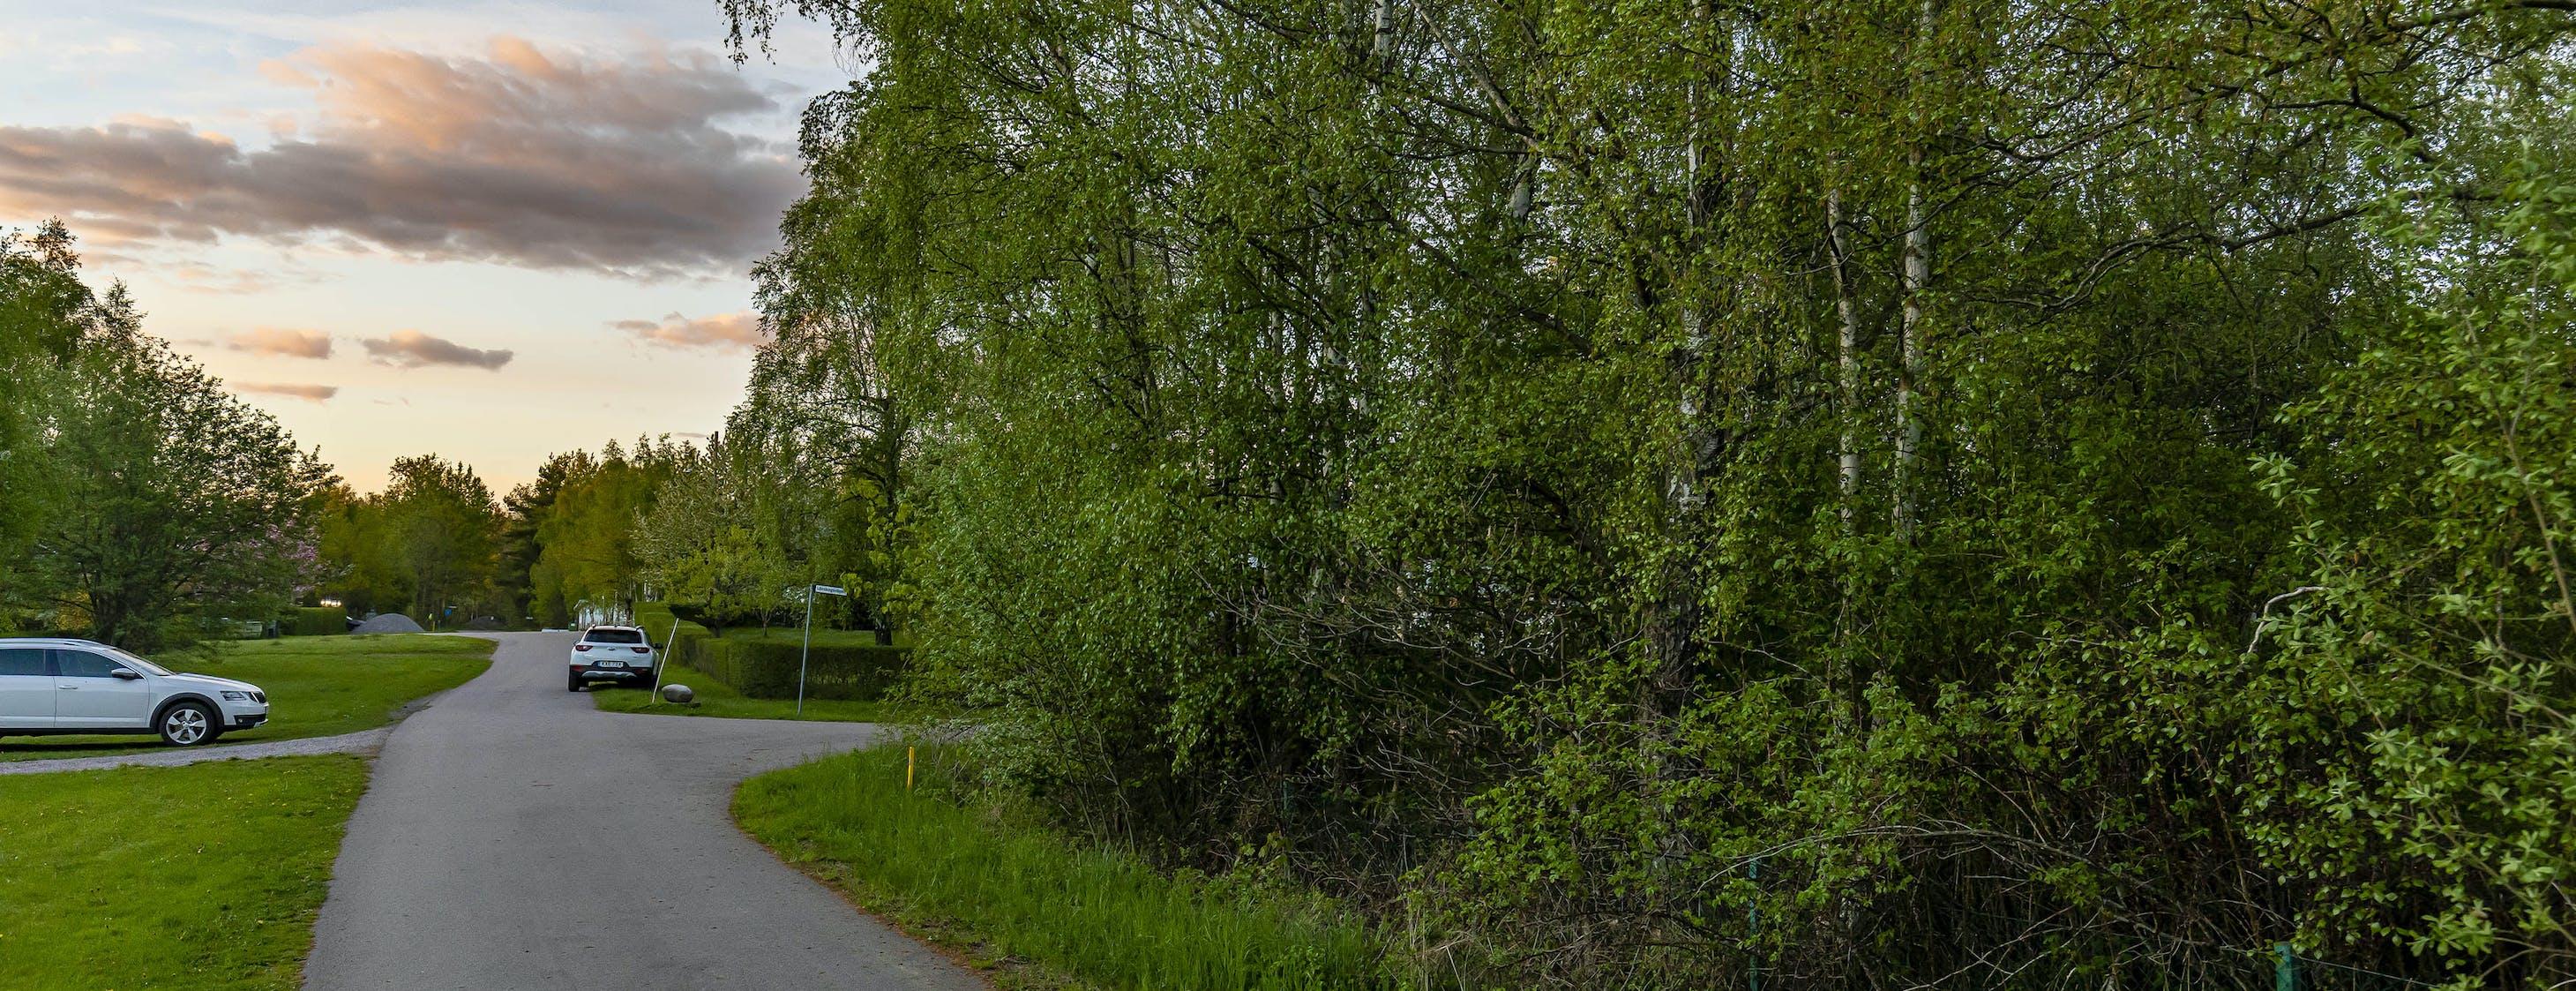 Lövskogsvägen 24 Runsbäck - Färjestaden